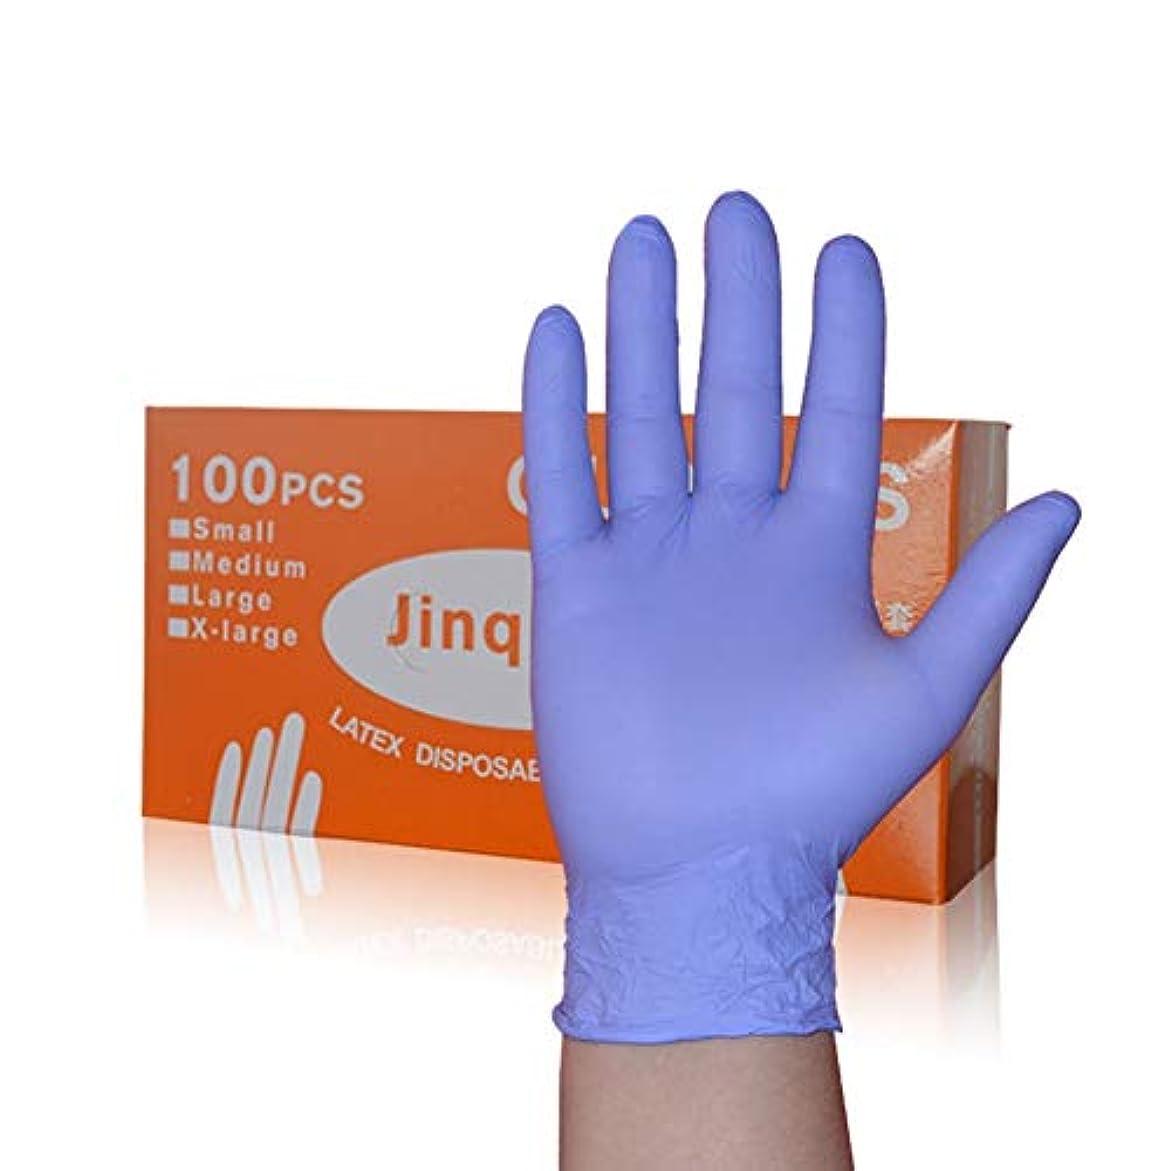 癒す枯渇する疑問に思う箱入りA級Dingqing使い捨て手袋食品キッチンケータリング家事歯科手袋 YANW (色 : 紫の, サイズ さいず : L l)